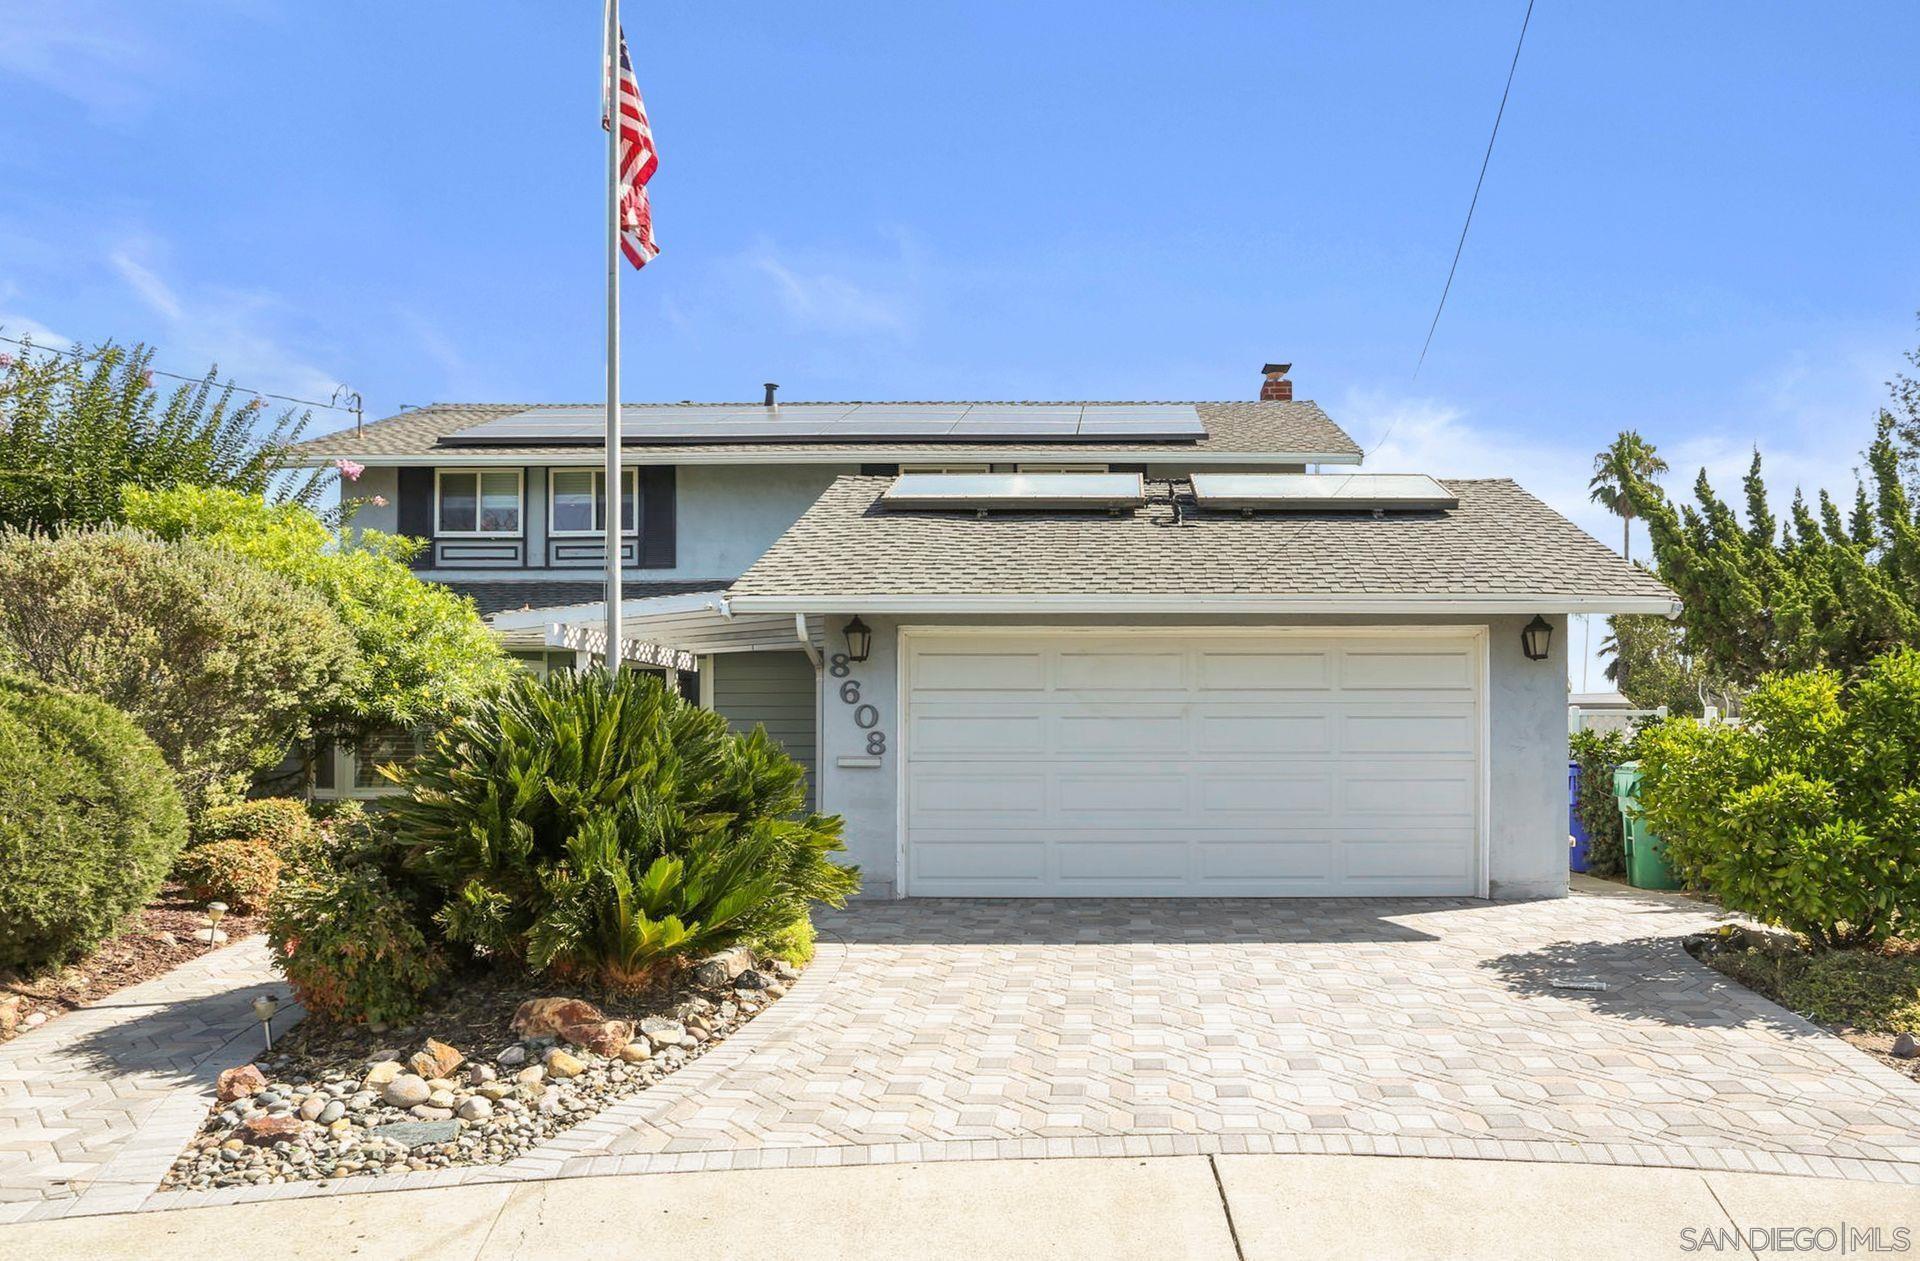 8608 Maury Ct, San Diego, CA 92119